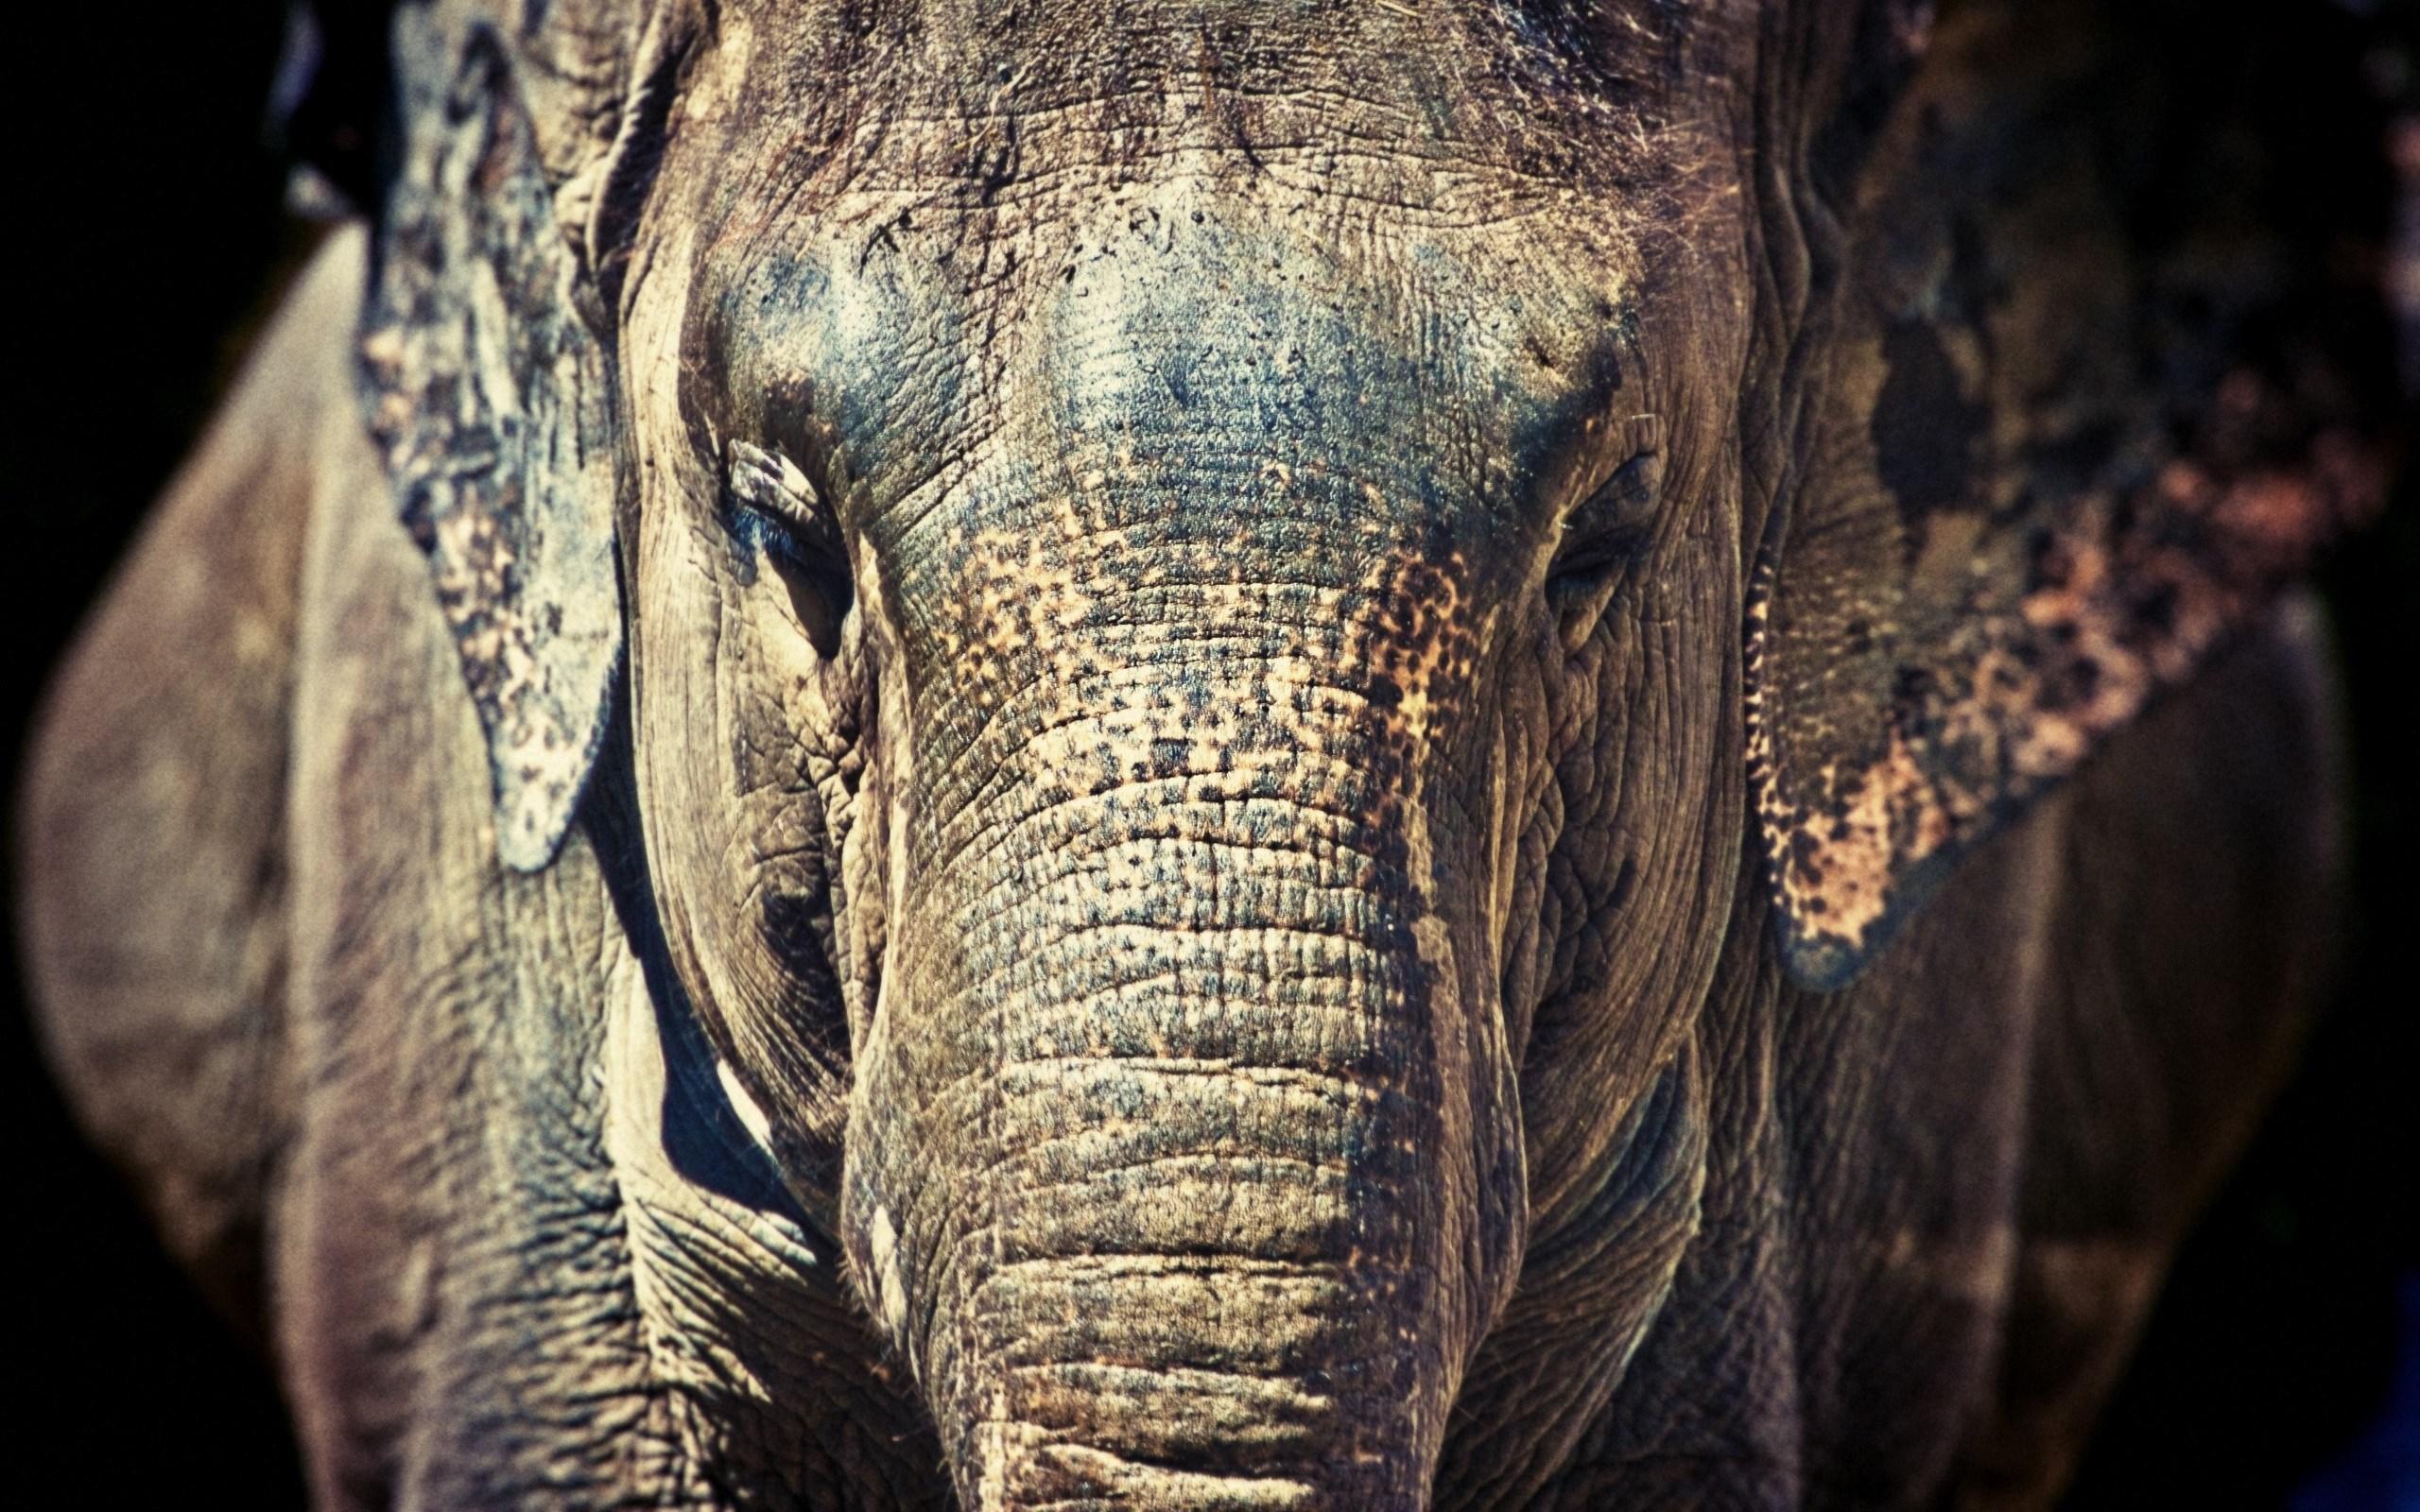 3d Graffiti Wallpapers Free Download Desktop Elephant Hd Wallpapers Pixelstalk Net